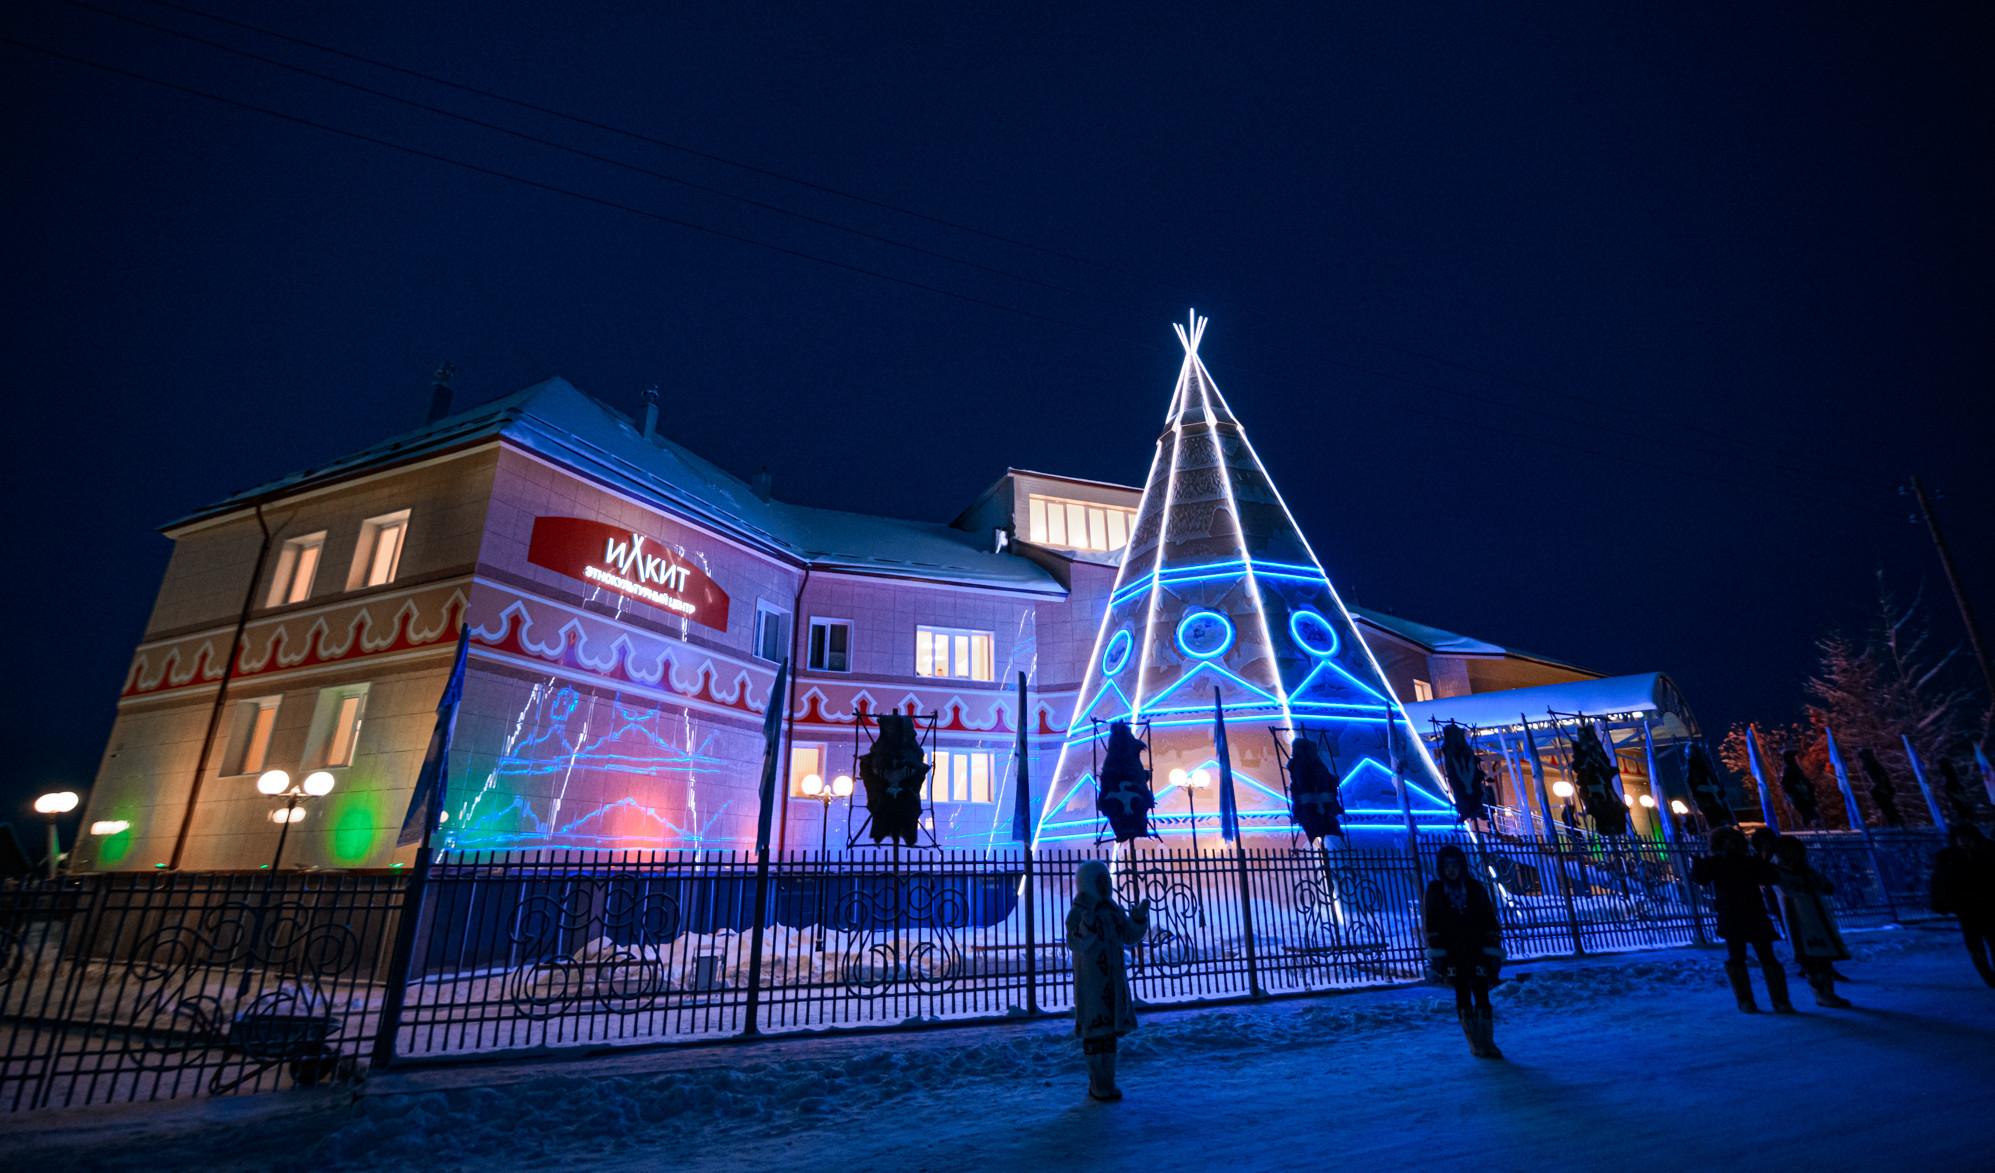 Айсен Николаев: Центр «Илкит» создаст условия для сохранения самобытной культуры и традиций эвенков